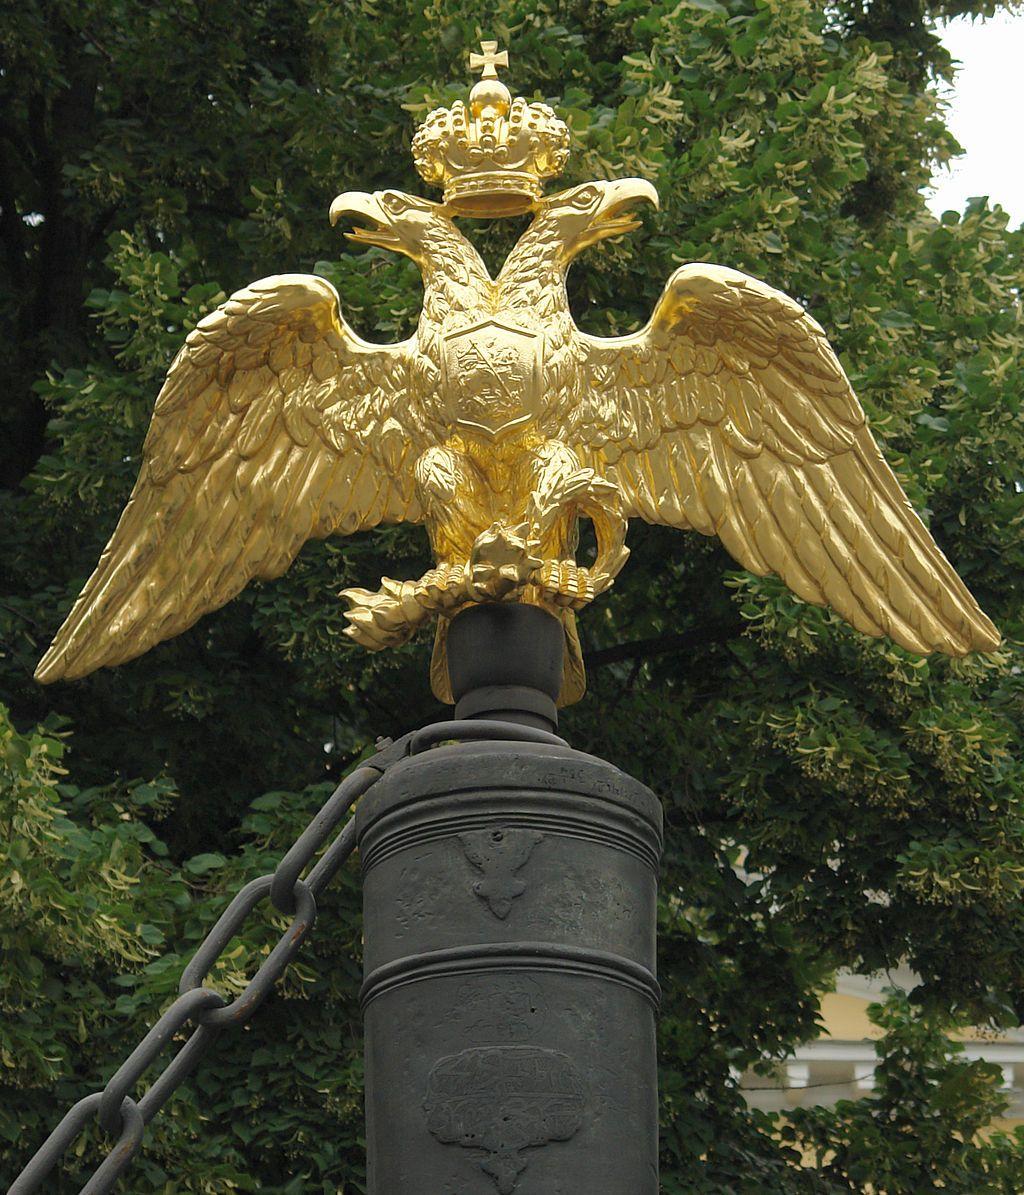 фото двуглавого орла бетонный полированный